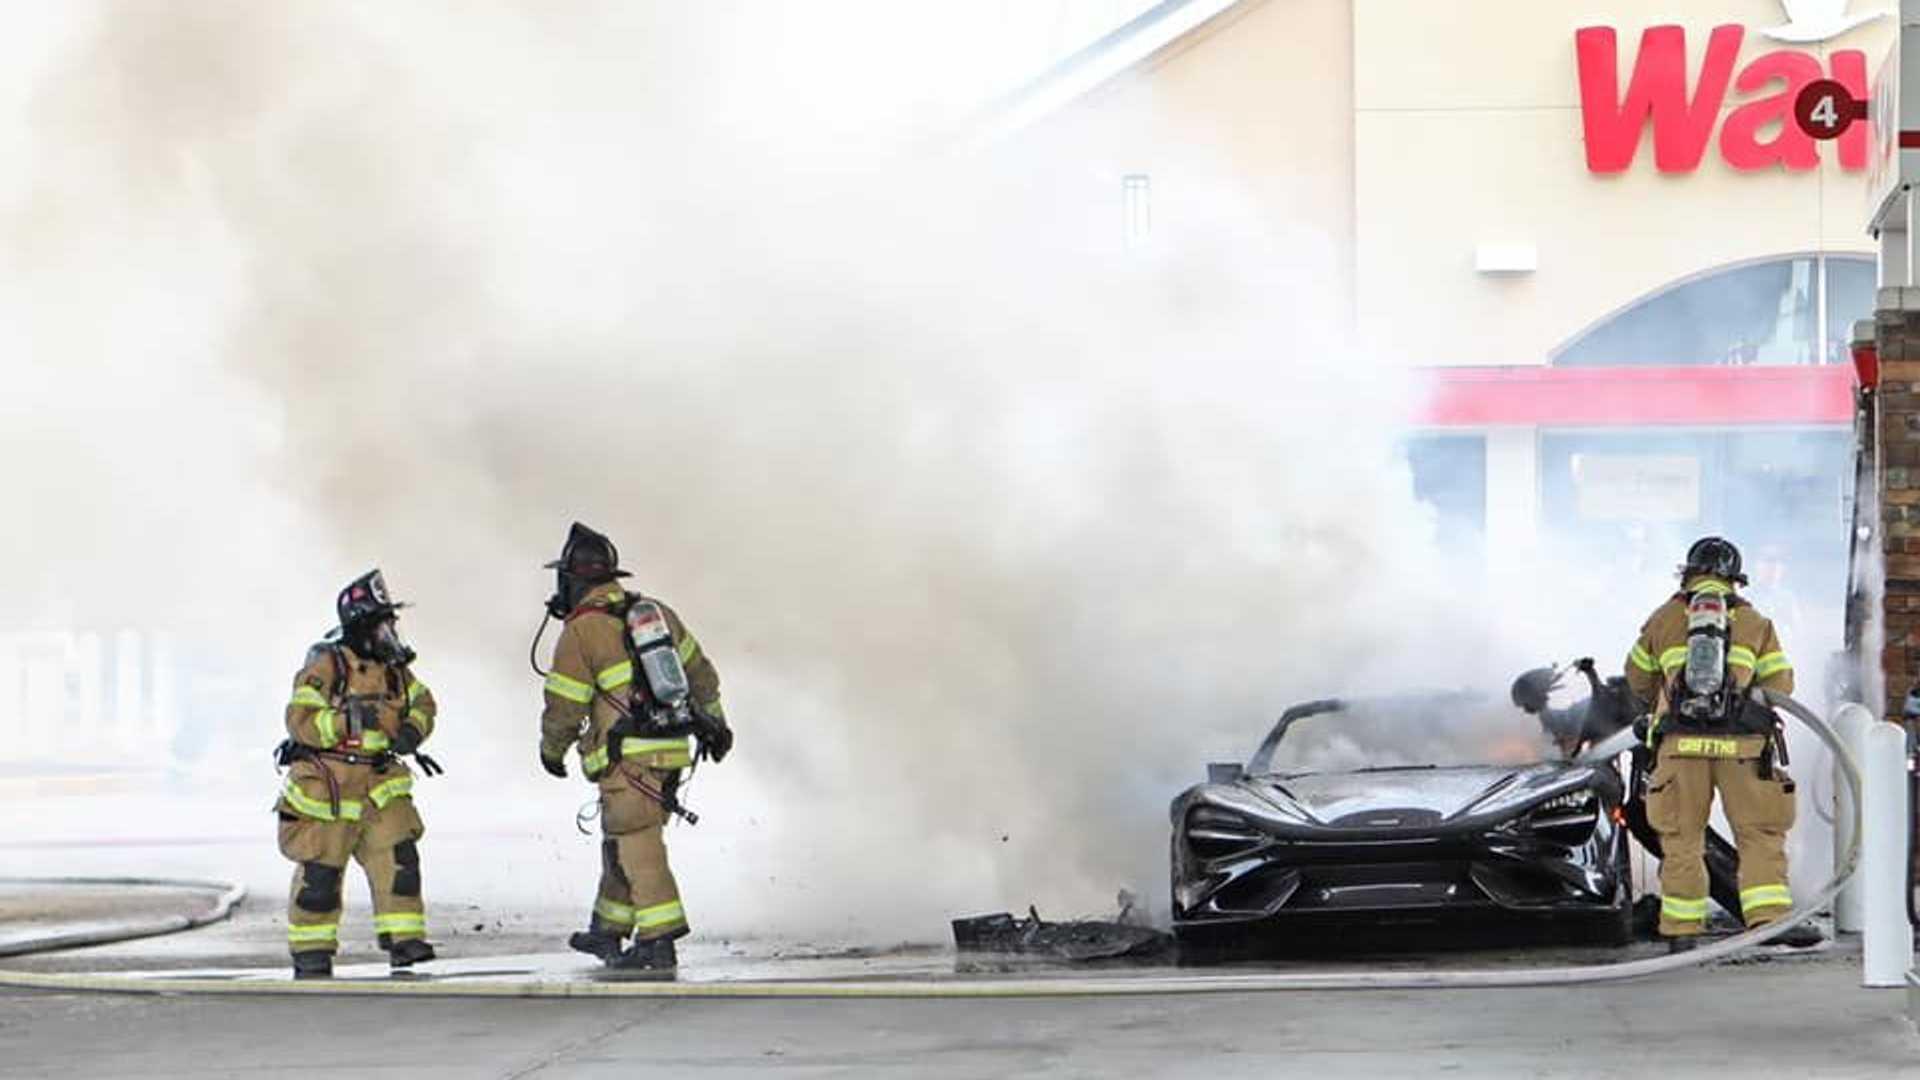 Συλλεκτική McLaren έγινε στάχτη, την ώρα που ανεφοδιαζόταν με καύσιμα! (pics)